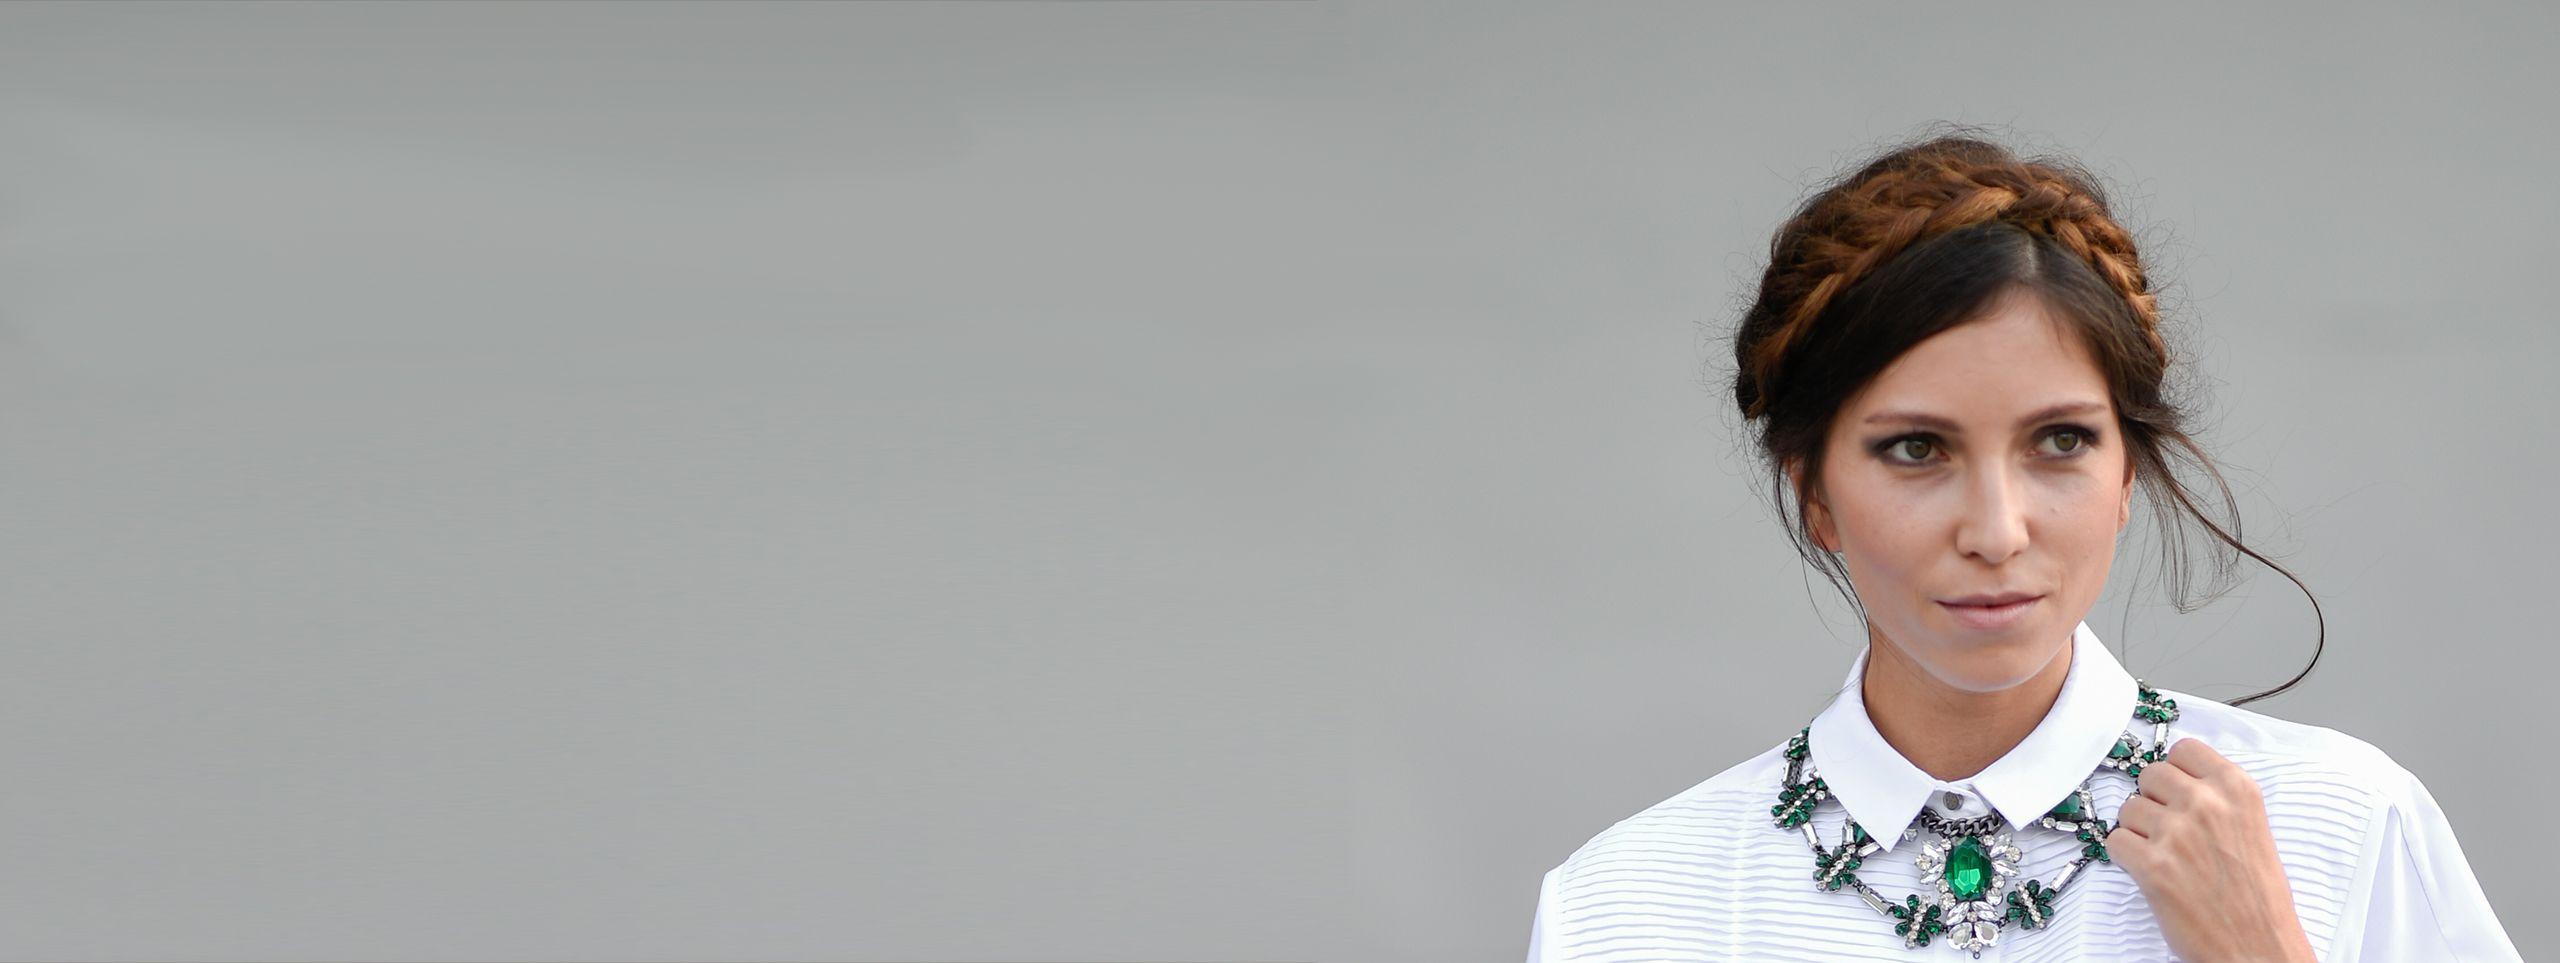 Mannequin brune cheveux tressés avec couronne